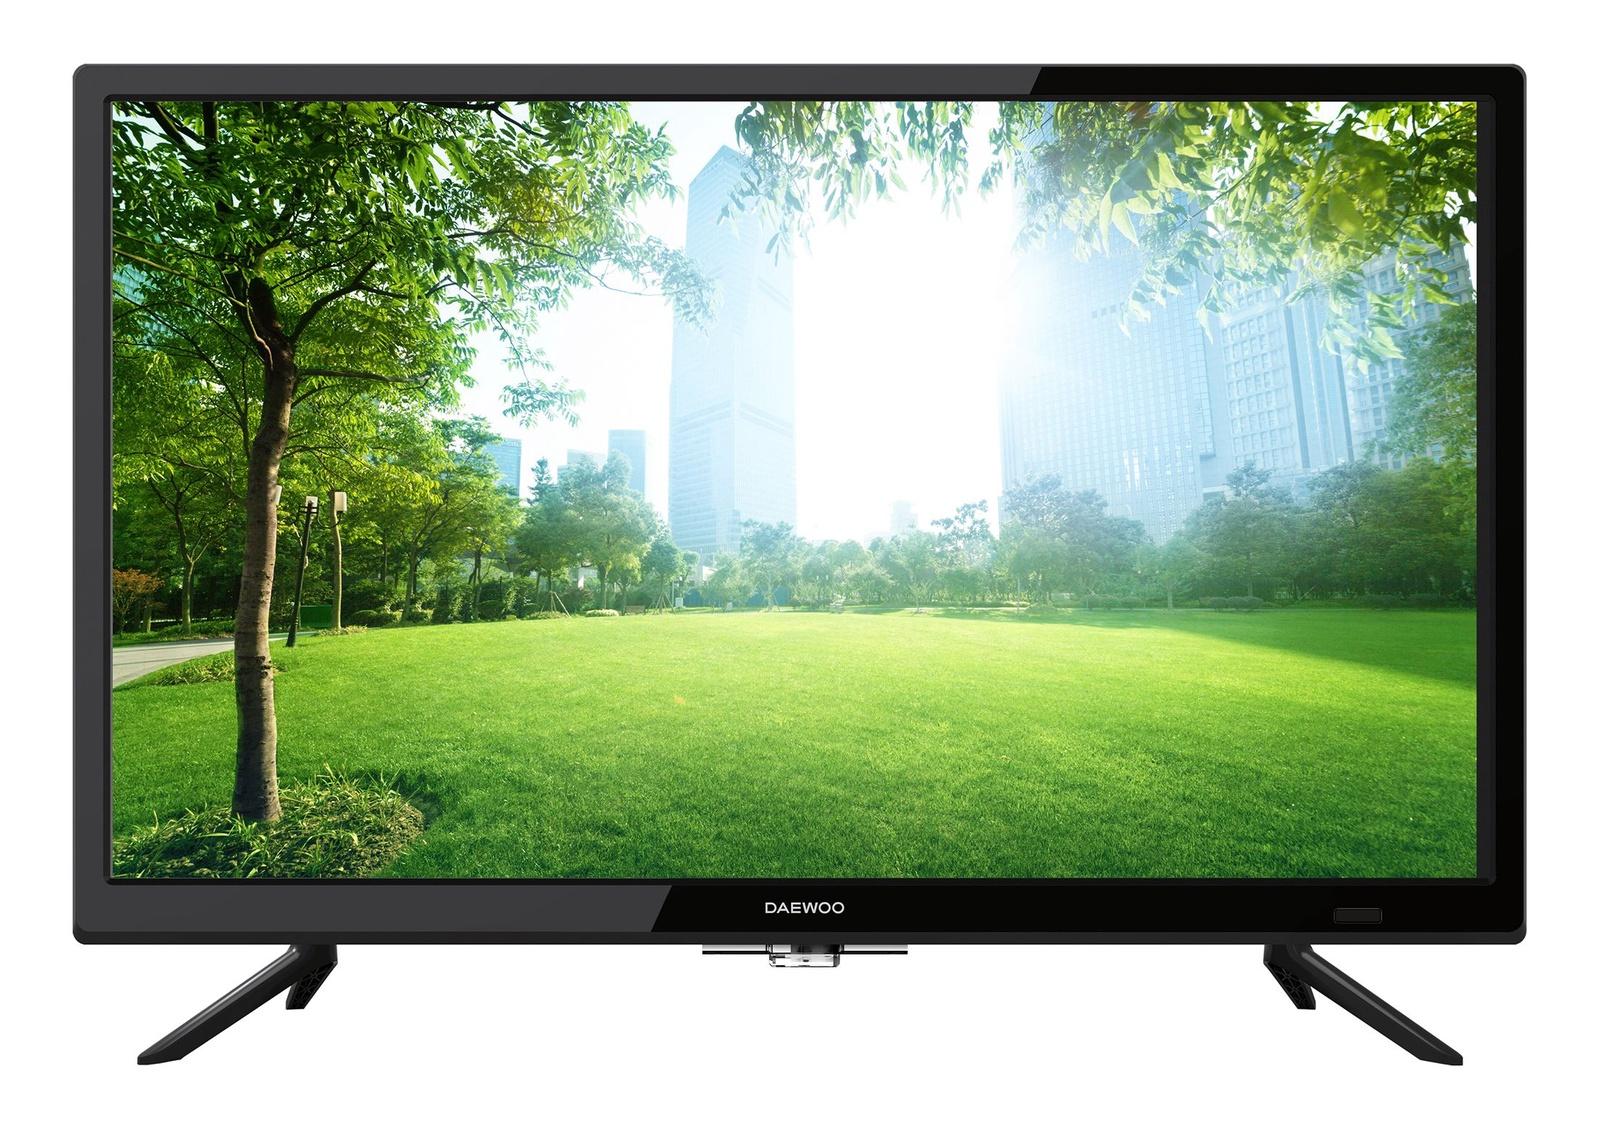 Телевизор Daewoo L24V638VAE 24, черный daewoo l32s638vke led телевизор